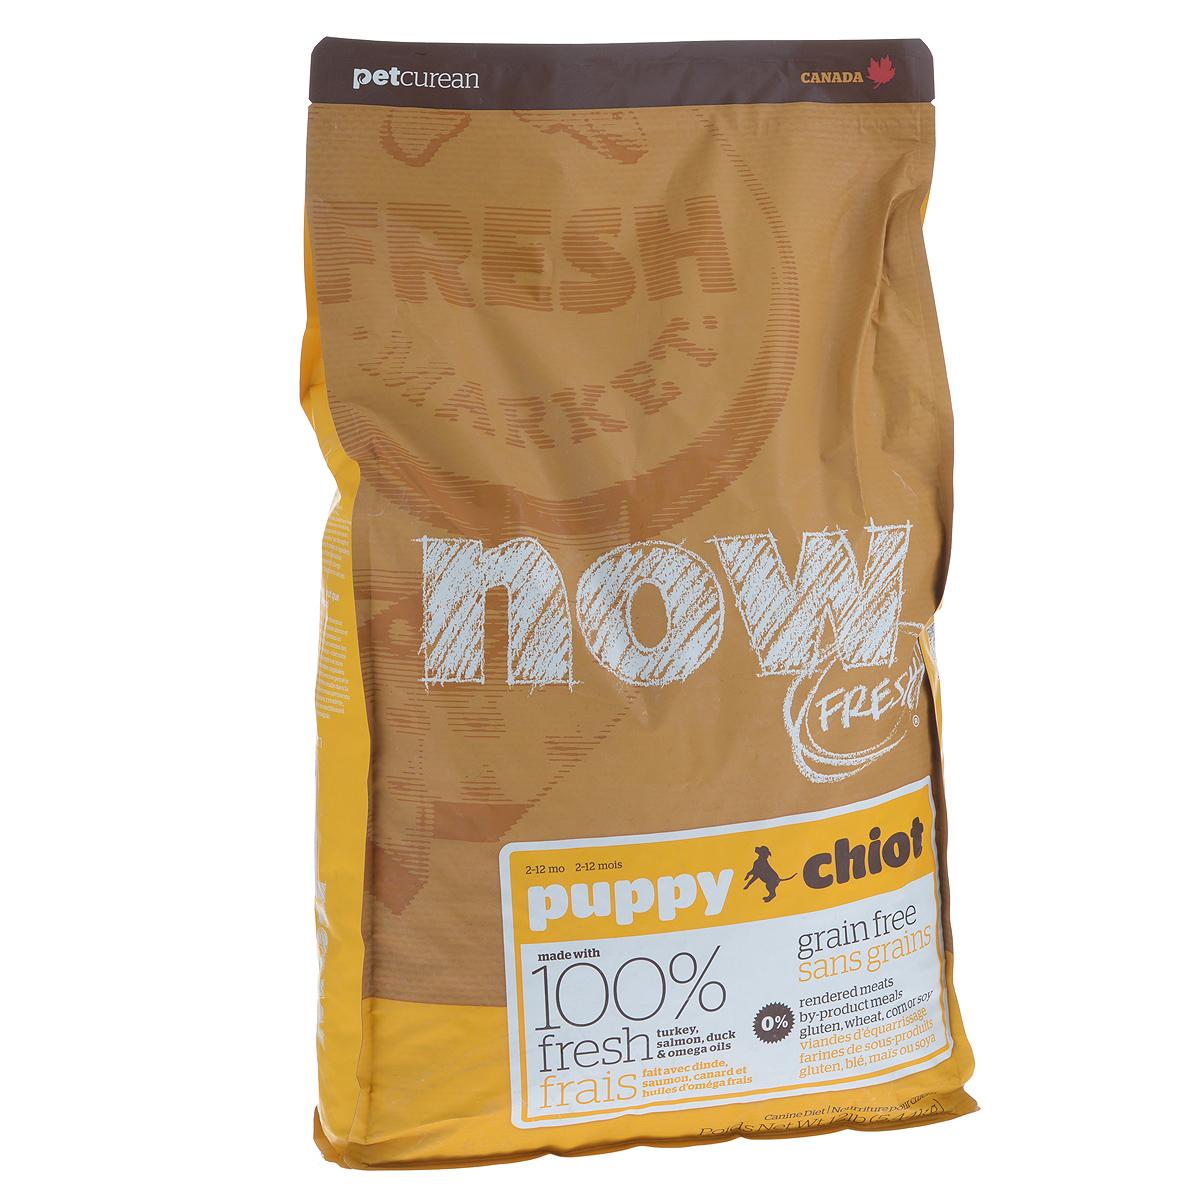 Корм сухой Now Fresh для щенков, беззерновой, с индейкой, уткой и овощами, 5,44 кг10110Now Fresh - полностью сбалансированный холистик корм для щенков всех пород из филе индейки, утки и лосося.Это первый беззерновой корм со сбалансированным содержание белков и жиров.Ключевые преимущества: - не содержит субпродуктов, красителей, говядины, мясных ингредиентов, выращенных на гормонах, - омега-масла в составе необходимы для здоровой кожи и шерсти, - пробиотики и пребиотики обеспечивают здоровое пищеварение, - антиоксиданты укрепляют иммунную систему. Состав: филе индейки, картофель, горох, свежие цельные яйца, томаты, масло канолы (источник витамина Е), семена льна, натуральный ароматизатор, филе лосося, утиное филе, кокосовое масло (источник витамина Е), яблоки, морковь, тыква, бананы, черника, клюква, малина, ежевика, папайя, ананас, грейпфрут, чечевица, брокколи, шпинат, творог, ростки люцерны, дикальций фосфат, люцерна, карбонат кальция, фосфорная кислота, натрия хлорид, лецитин, хлорид калия, DL-метионин, таурин, витамины (витамин Е, L-аскорбил-2-полифосфатов (источник витамина С), никотиновая кислота, инозит, витамин А, тиамин, амононитрат, пантотенат D-кальция, пиридоксинагидрохлорид, рибофлавин, бета-каротин, витамин D3, фолиевая кислота, биотин, витаминВ12), минералы (протеинат цинка, сульфат железа, оксид цинка, протеинат железа, сульфат меди, протеинат меди, протеинат марганца, оксид марганца, йодат кальция, селенит натрия), сушеные водоросли, L-лизин, сухой корень цикория, Lactobacillus, Enterococcusfaecium, Aspergillus, экстракт Юкки Шидигера, L-карнитин, ноготки, сушеный розмарин. Гарантированный анализ: белки - 28%, жиры - 18%, клетчатка - 3%, влажность - 10%, кальций - 1,2%, фосфор - 0,8%, докозагексаеновая кислота (DHA) - 0,02%, эйкозапентаеновая кислота (EPA) - 0,02%, жирные кислоты Омега 6 - 2,7%, жирные кислоты Омега 3 - 0,54%, лактобактерии (Lactobacillus acidophilus, Enterococcus faecium) - 90000000 cfu/lb. Калорийность: 3746 ккал/кг.Вес: 5,44 кг.Т